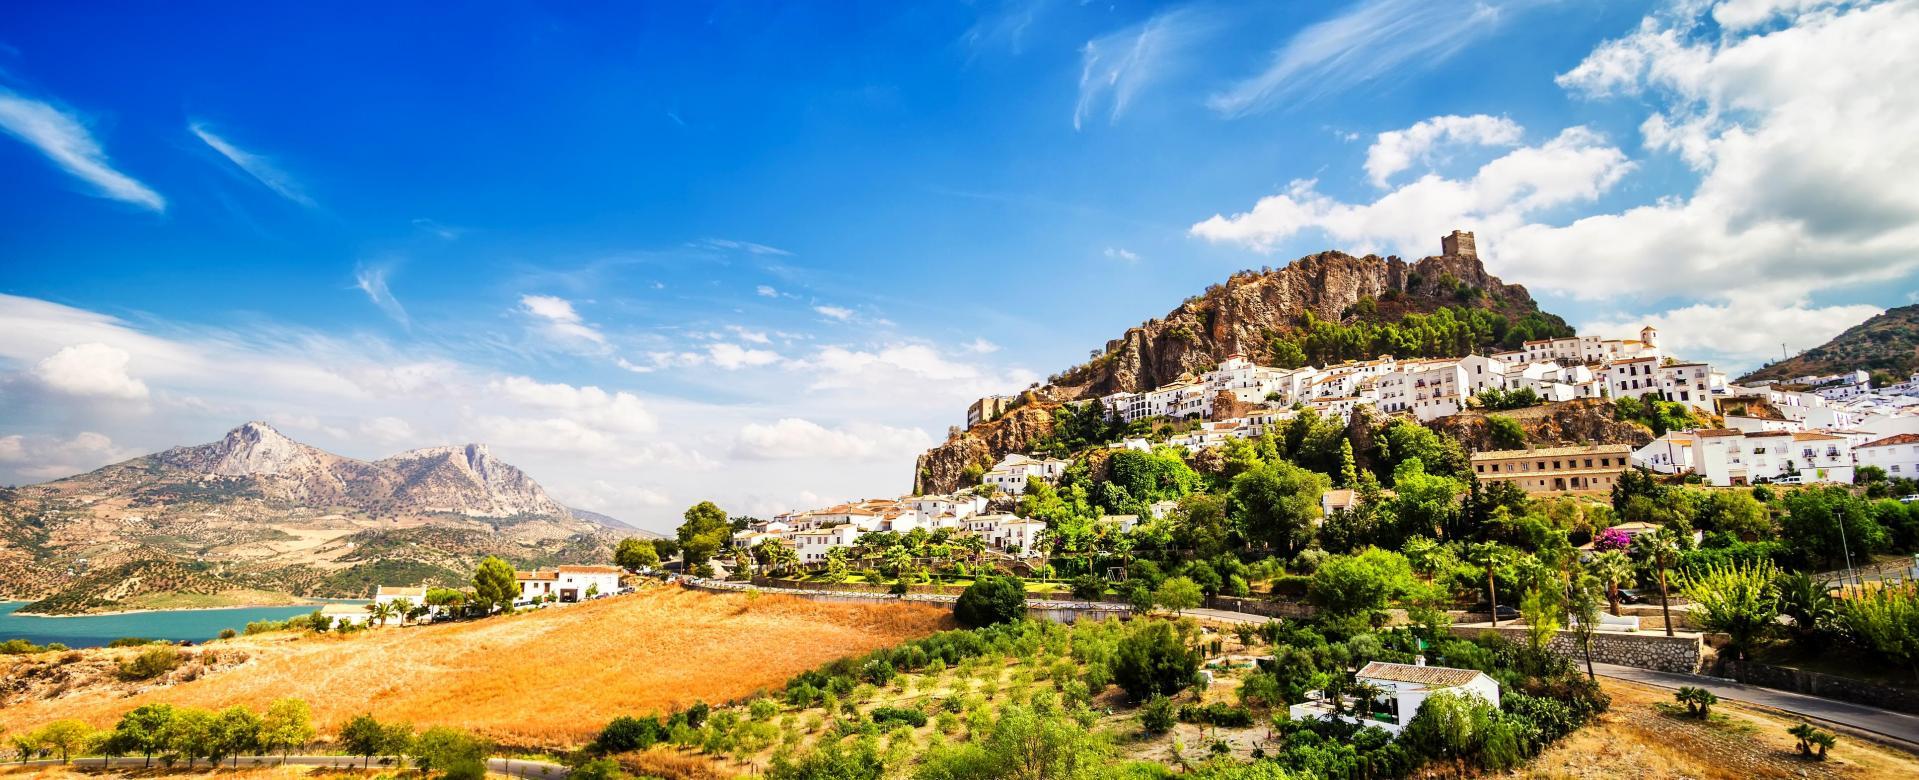 Voyage en véhicule Espagne : L'andalousie à vélo, de séville à cadix